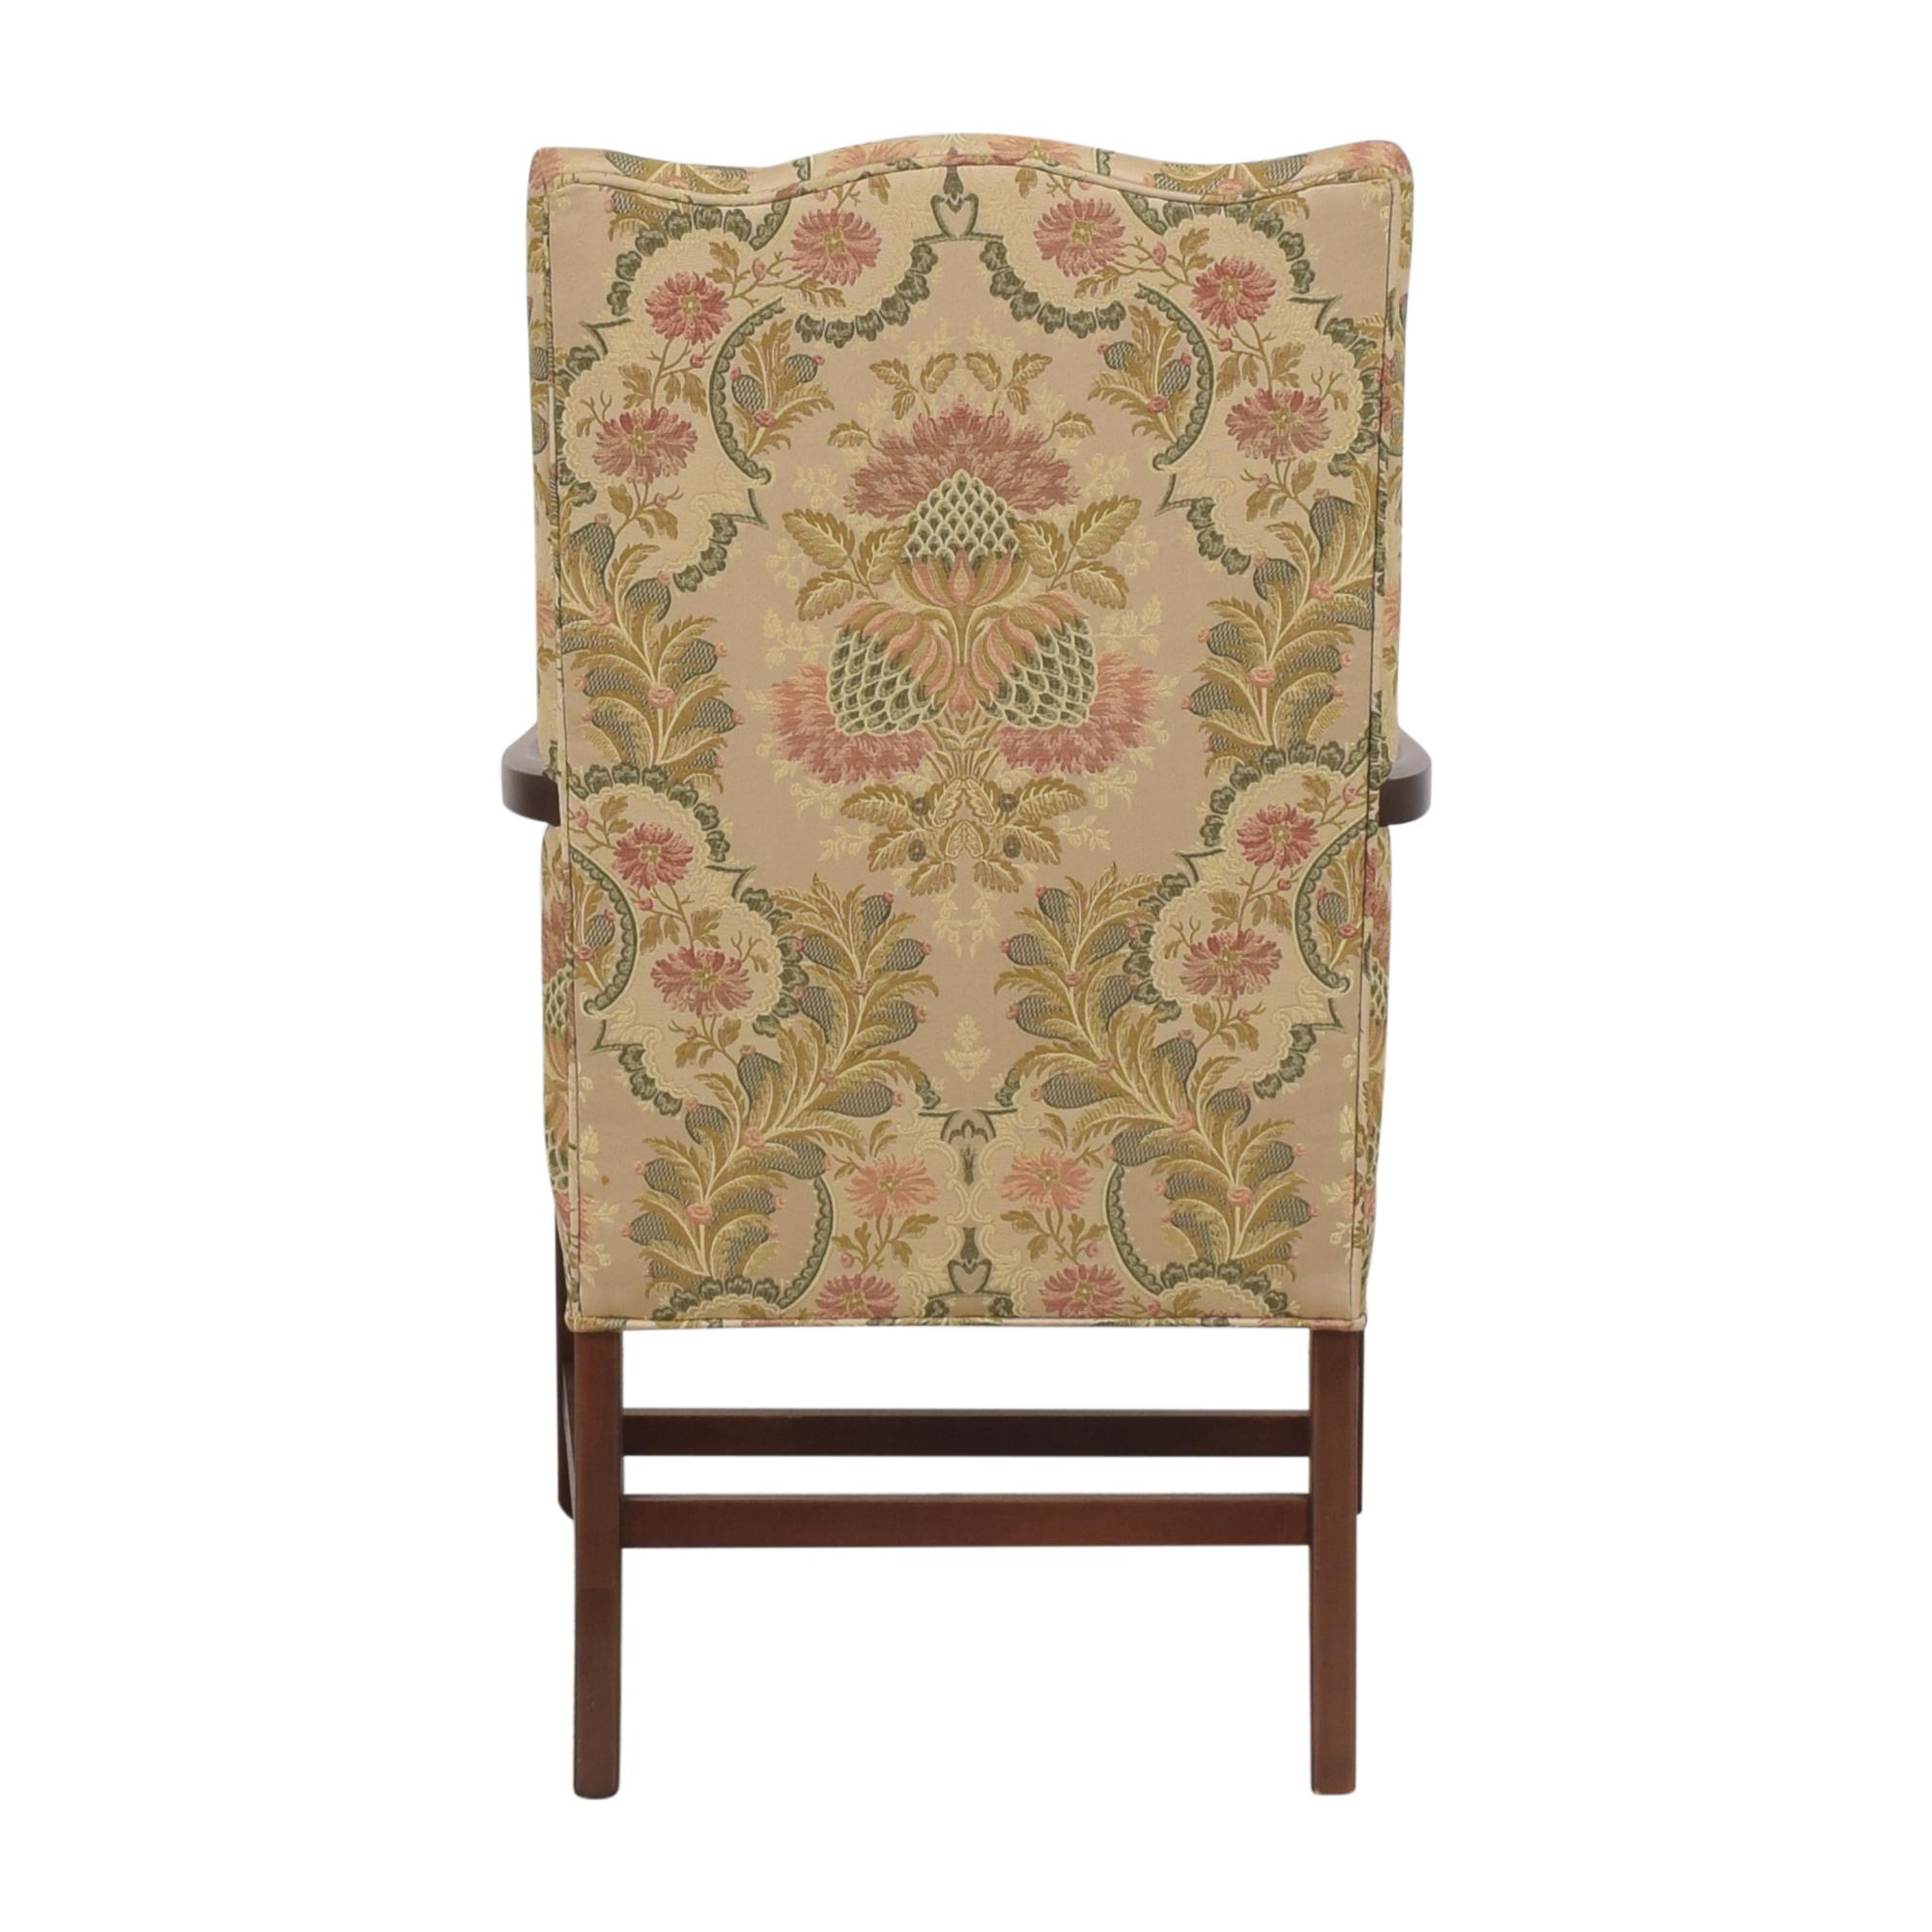 Ethan Allen Ethan Allen Martha Washington Arm Chair coupon